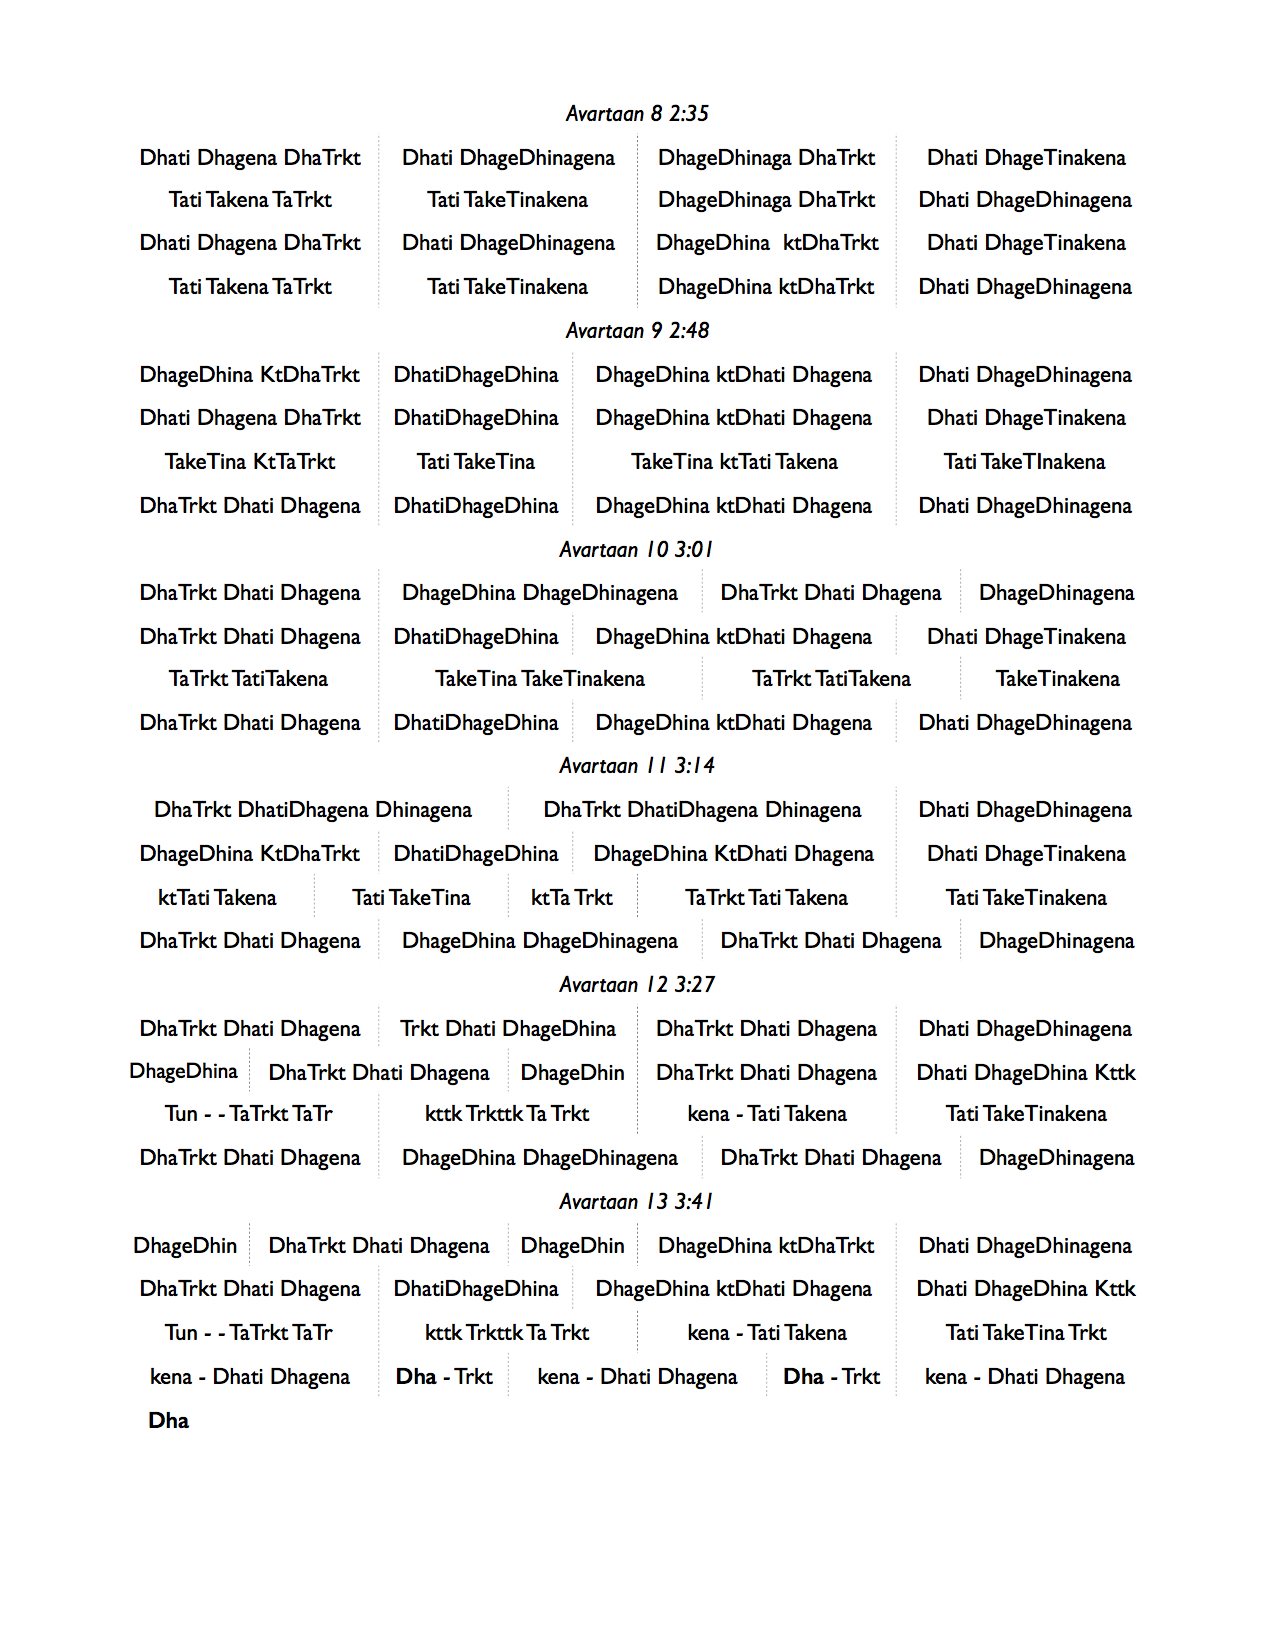 zakir-tirakita-page2.jpg